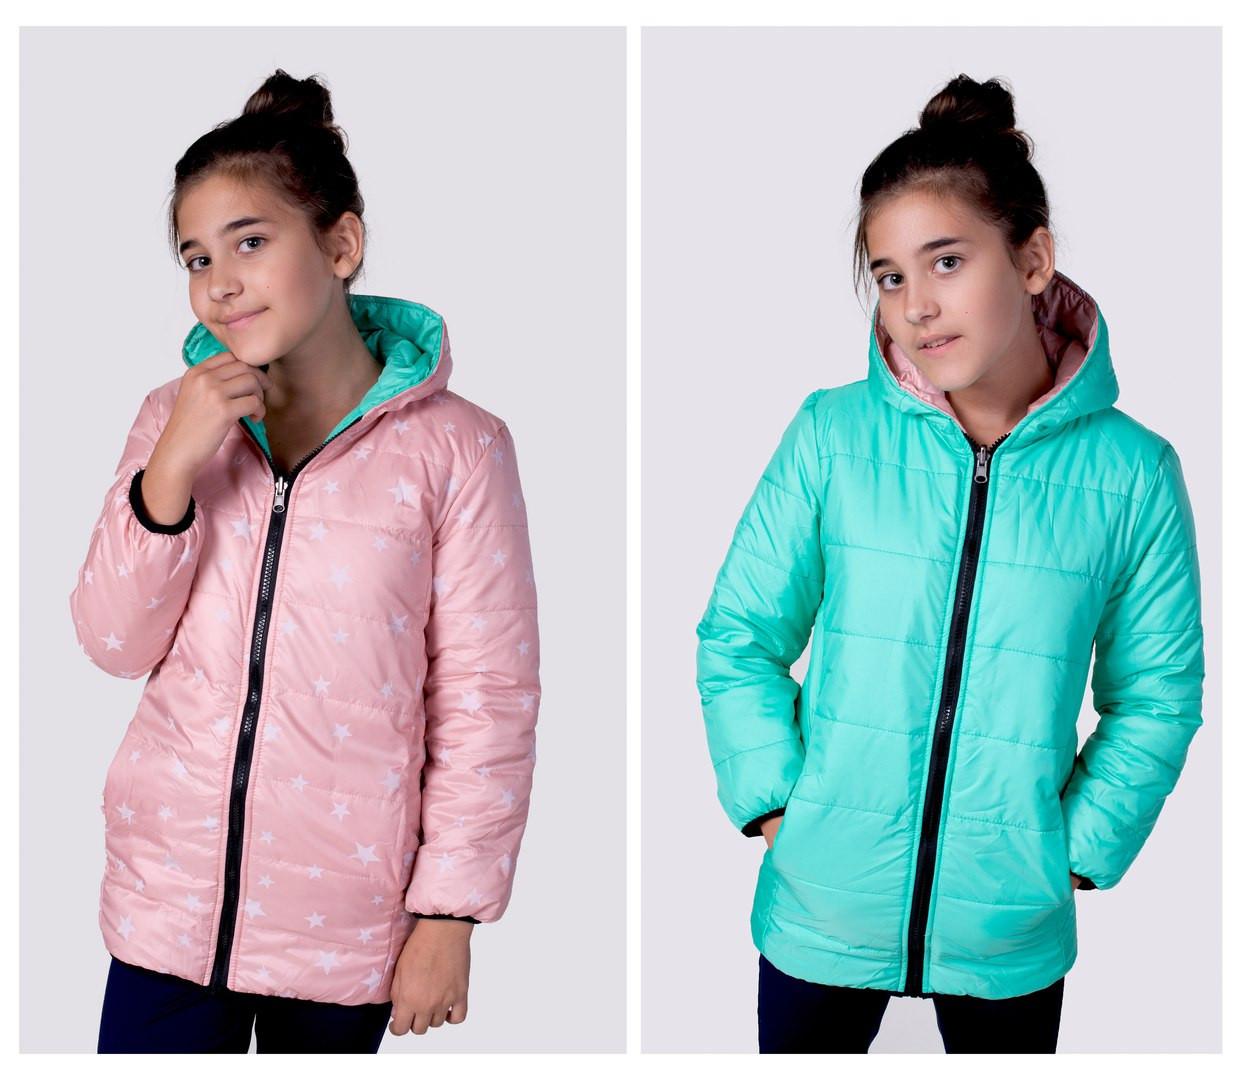 c8a7a5f854763 Подростковая демисезонная курточка двухсторонняя весна / осень на мальчика  и на девочку -